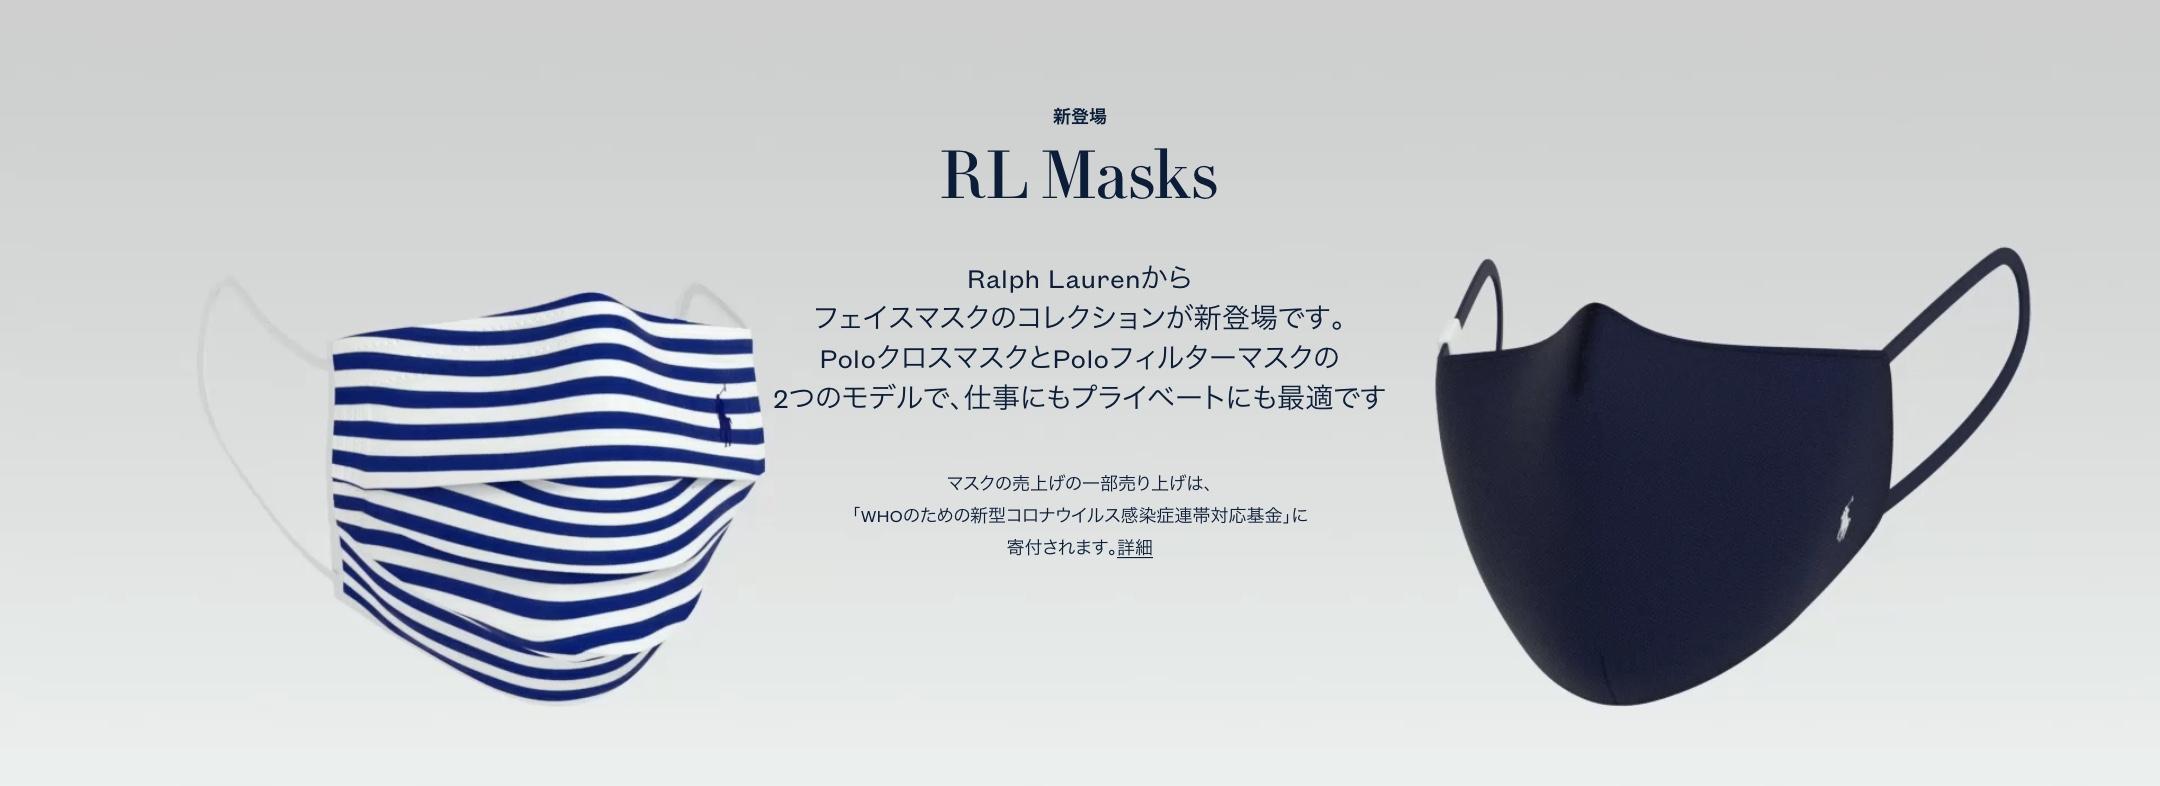 ローレン 日 発売 ラルフ マスク [ラルフローレン] 売り上げがコロナ資金に。POLOのマスクが登場。